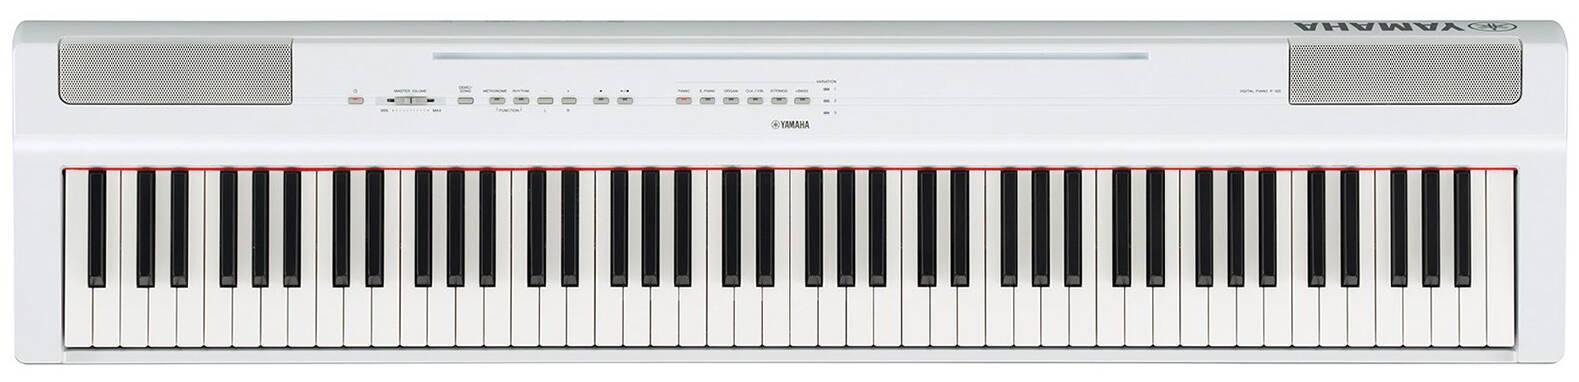 Електронне піаніно ціна найкраща у нас